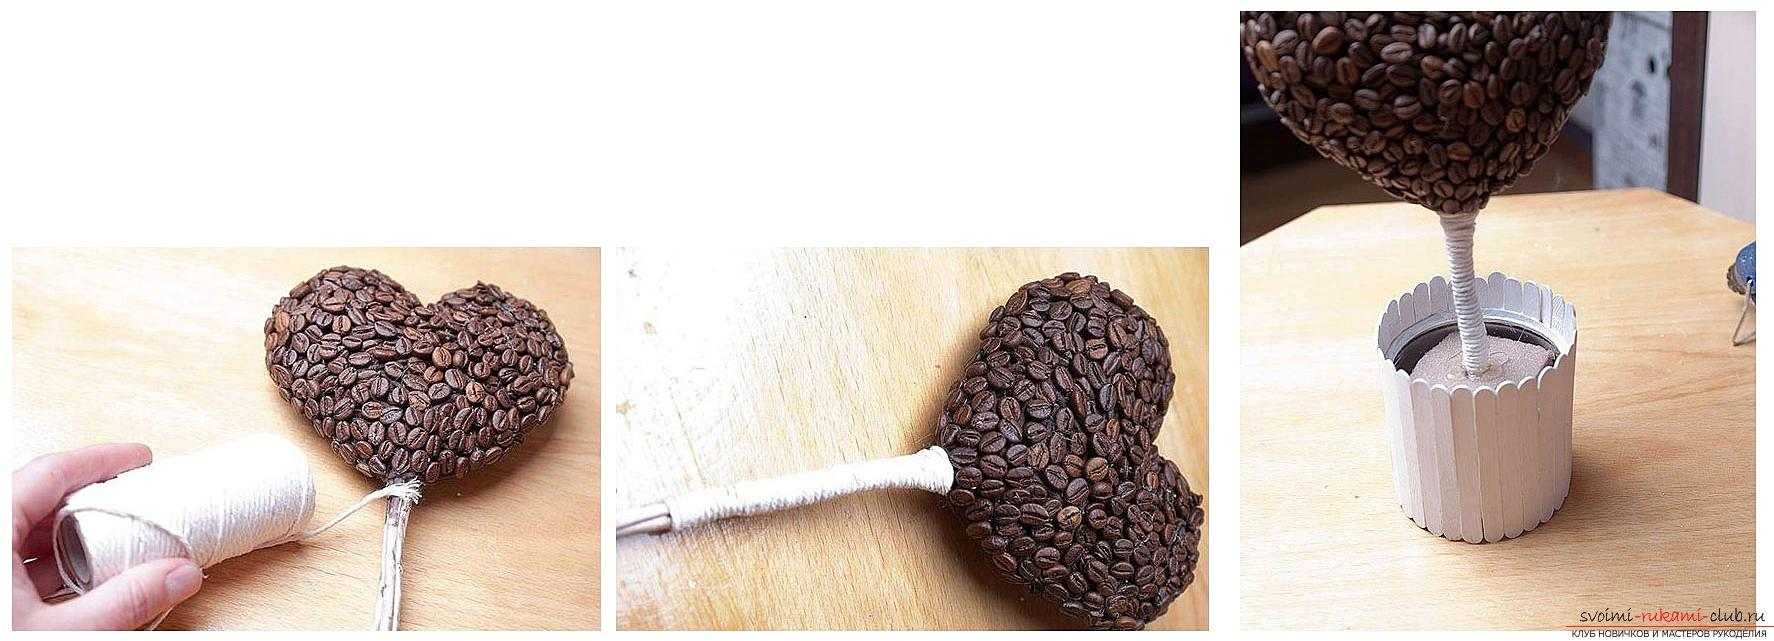 Как сделать топиарий из кофейных зерен своими руками, пошаговые фото, подробная инструкция, советы и рекомендации по созданию кофейных деревьев различной формы. Фото №12